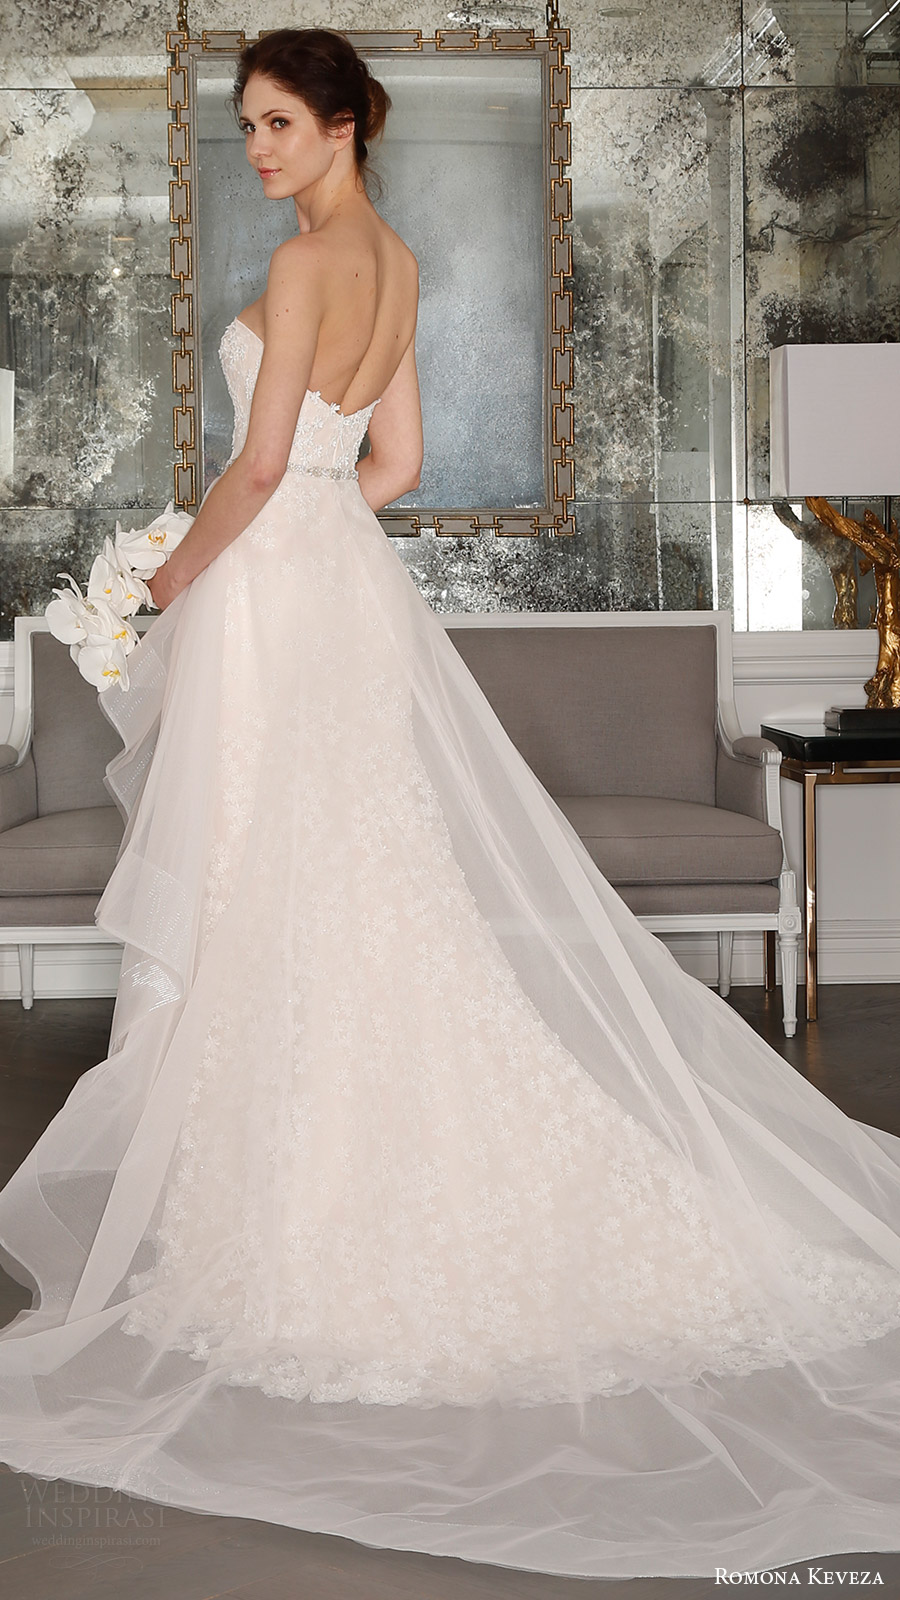 romona keveza bridal spring 2017 strapless sweetheart trumpet wedding dress (rk7408) bv optional sheer aline overskirt train